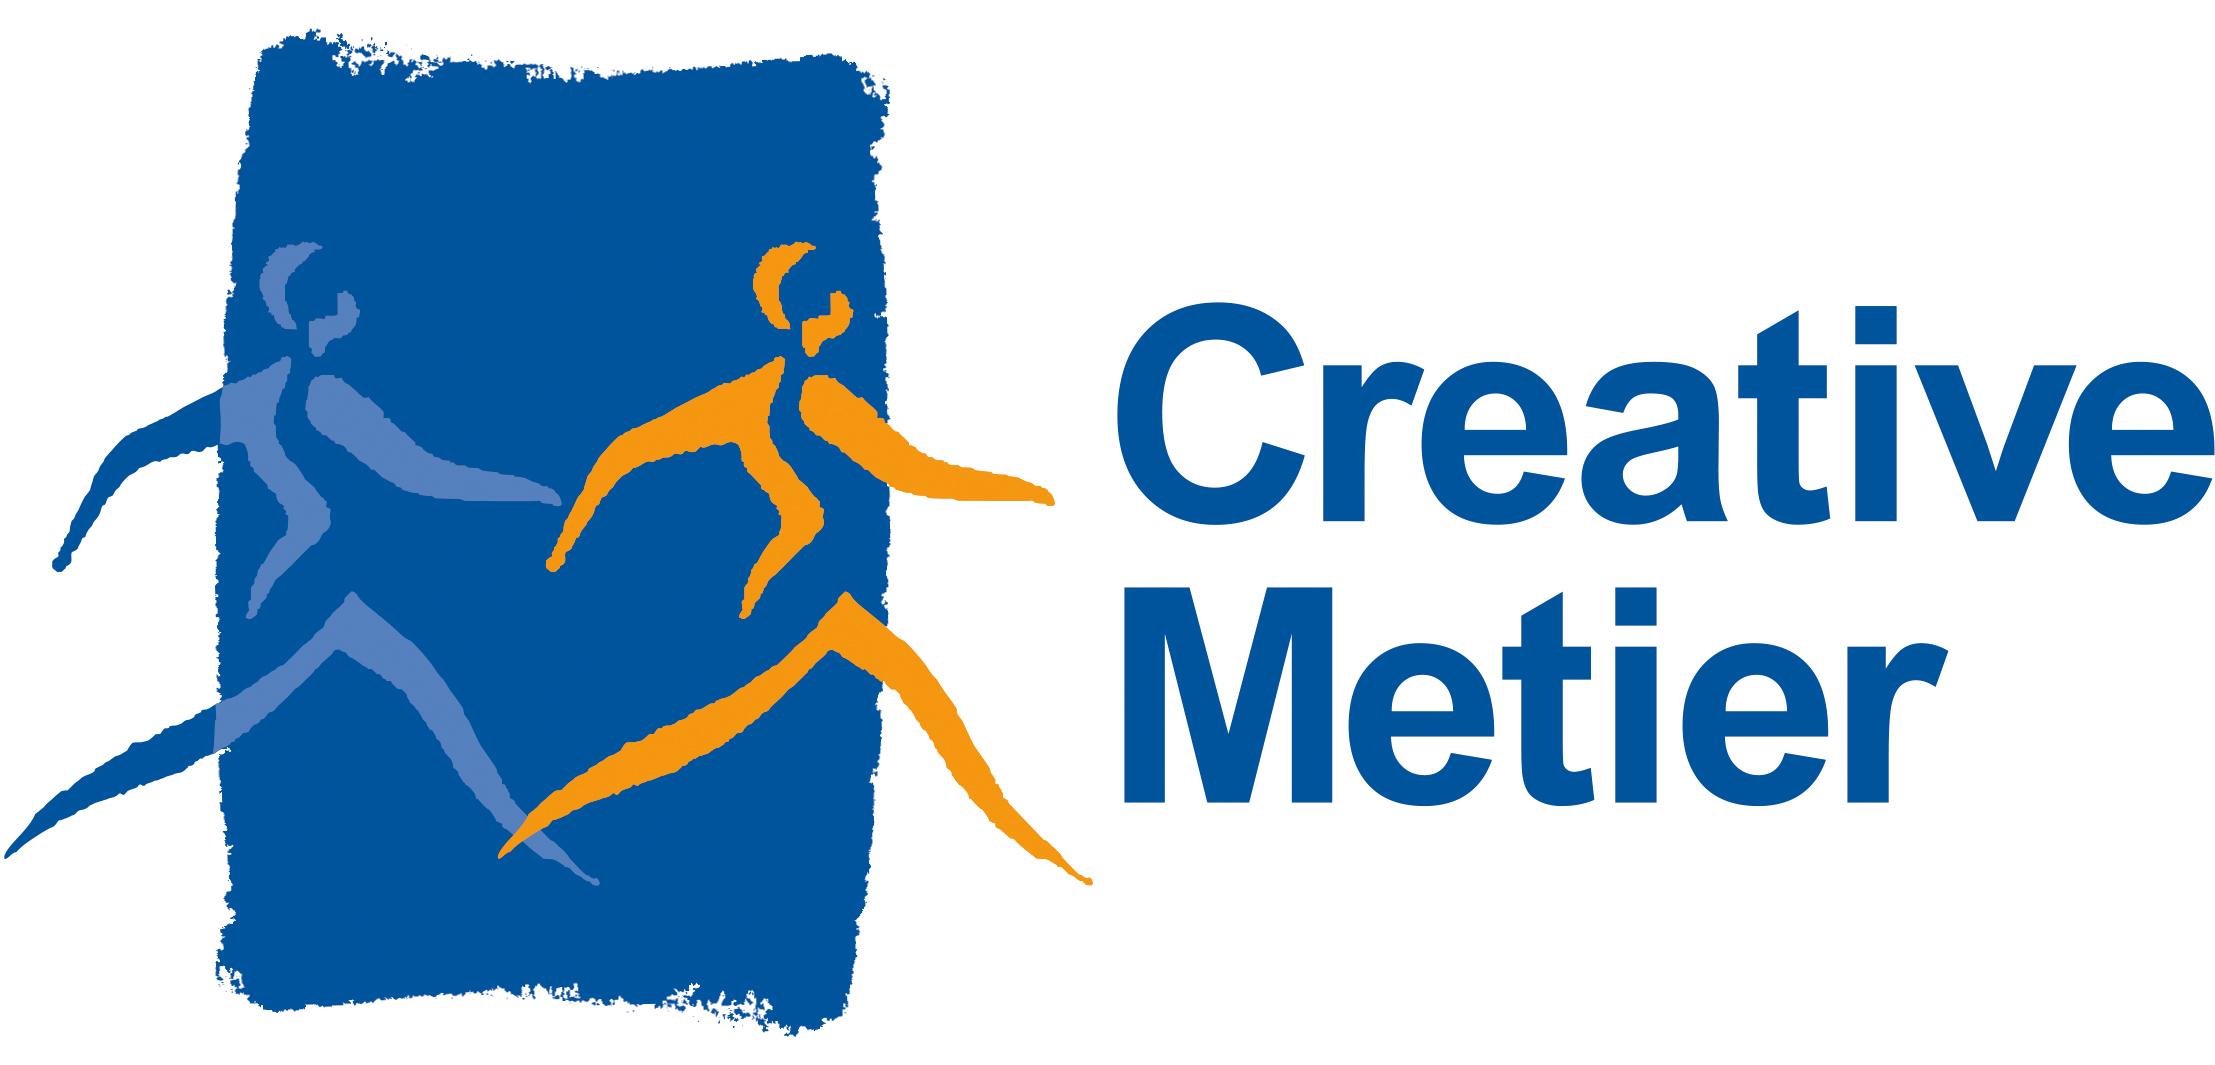 Creative_Metier